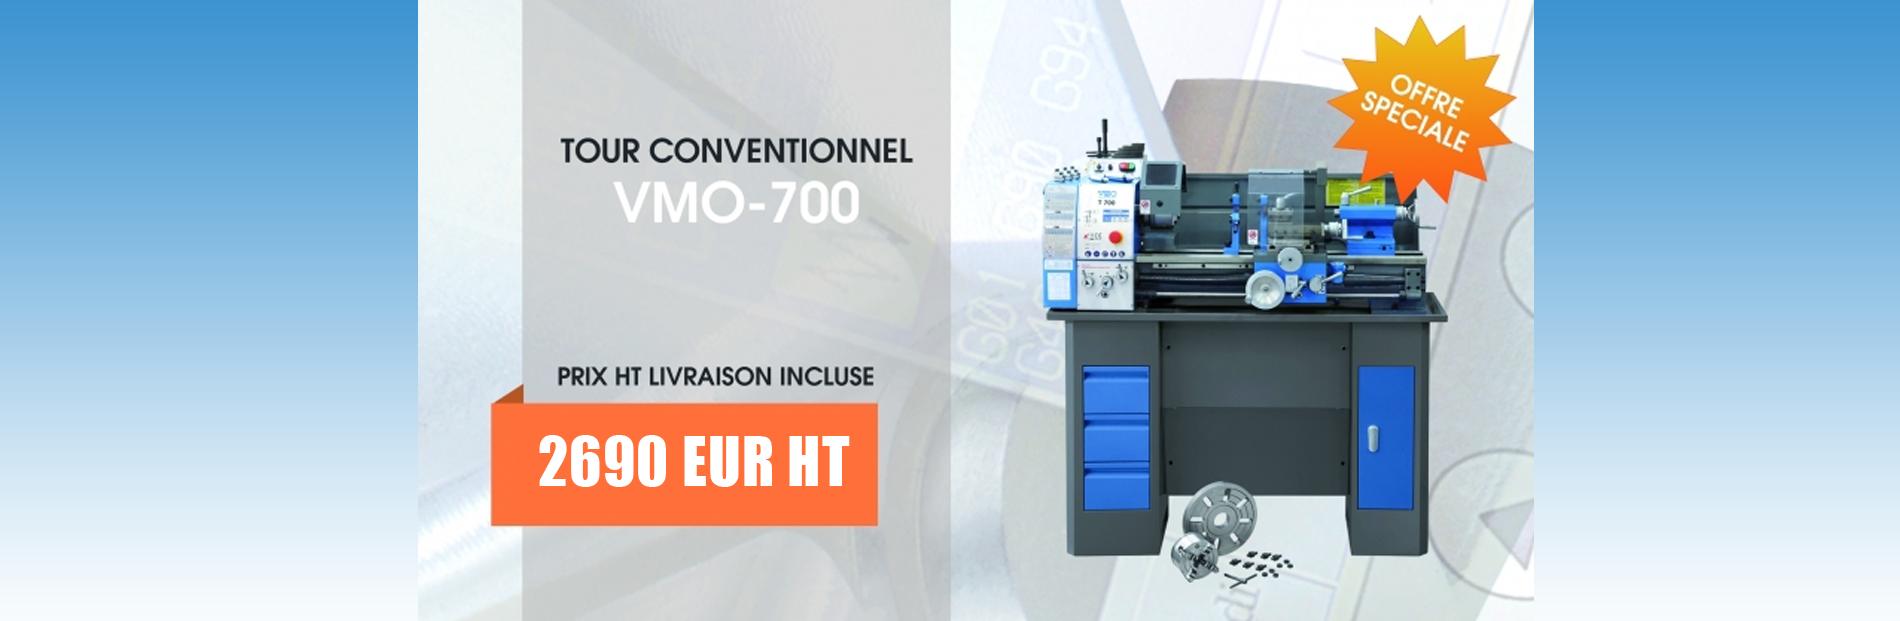 Tour Conventionnel VMO-T700 Offre Spéciale